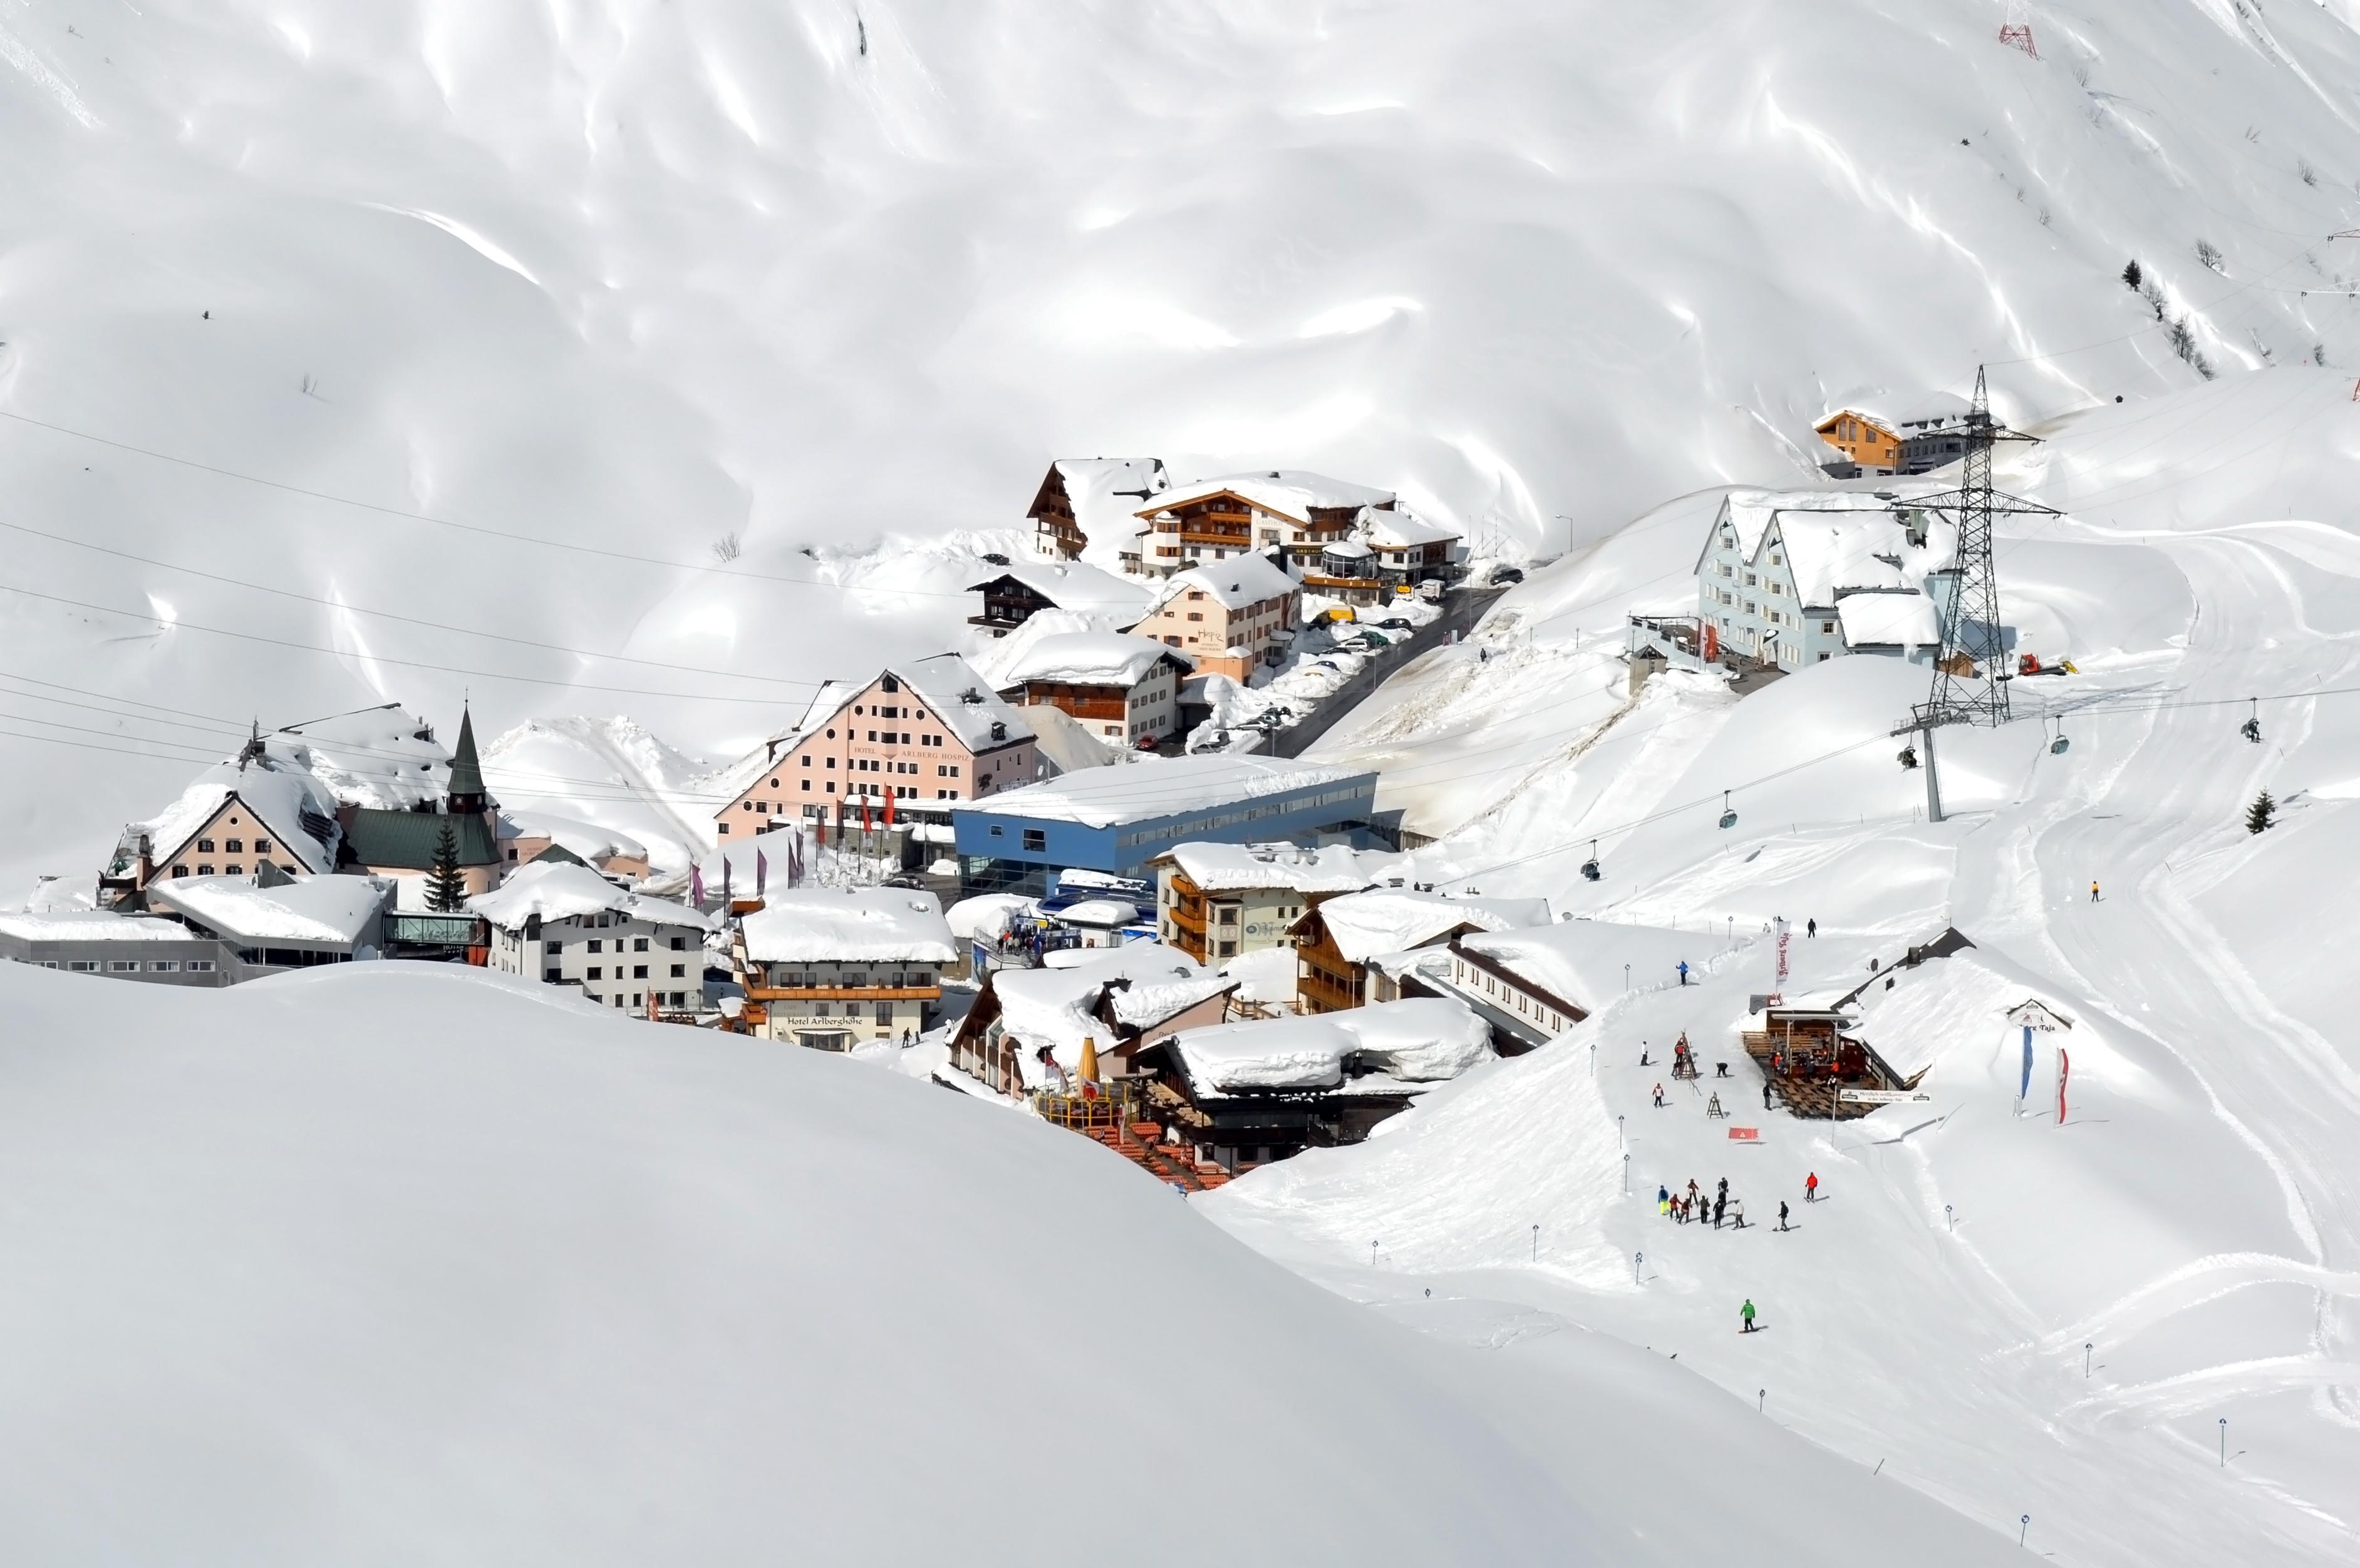 ski challenge 2018 download schweiz